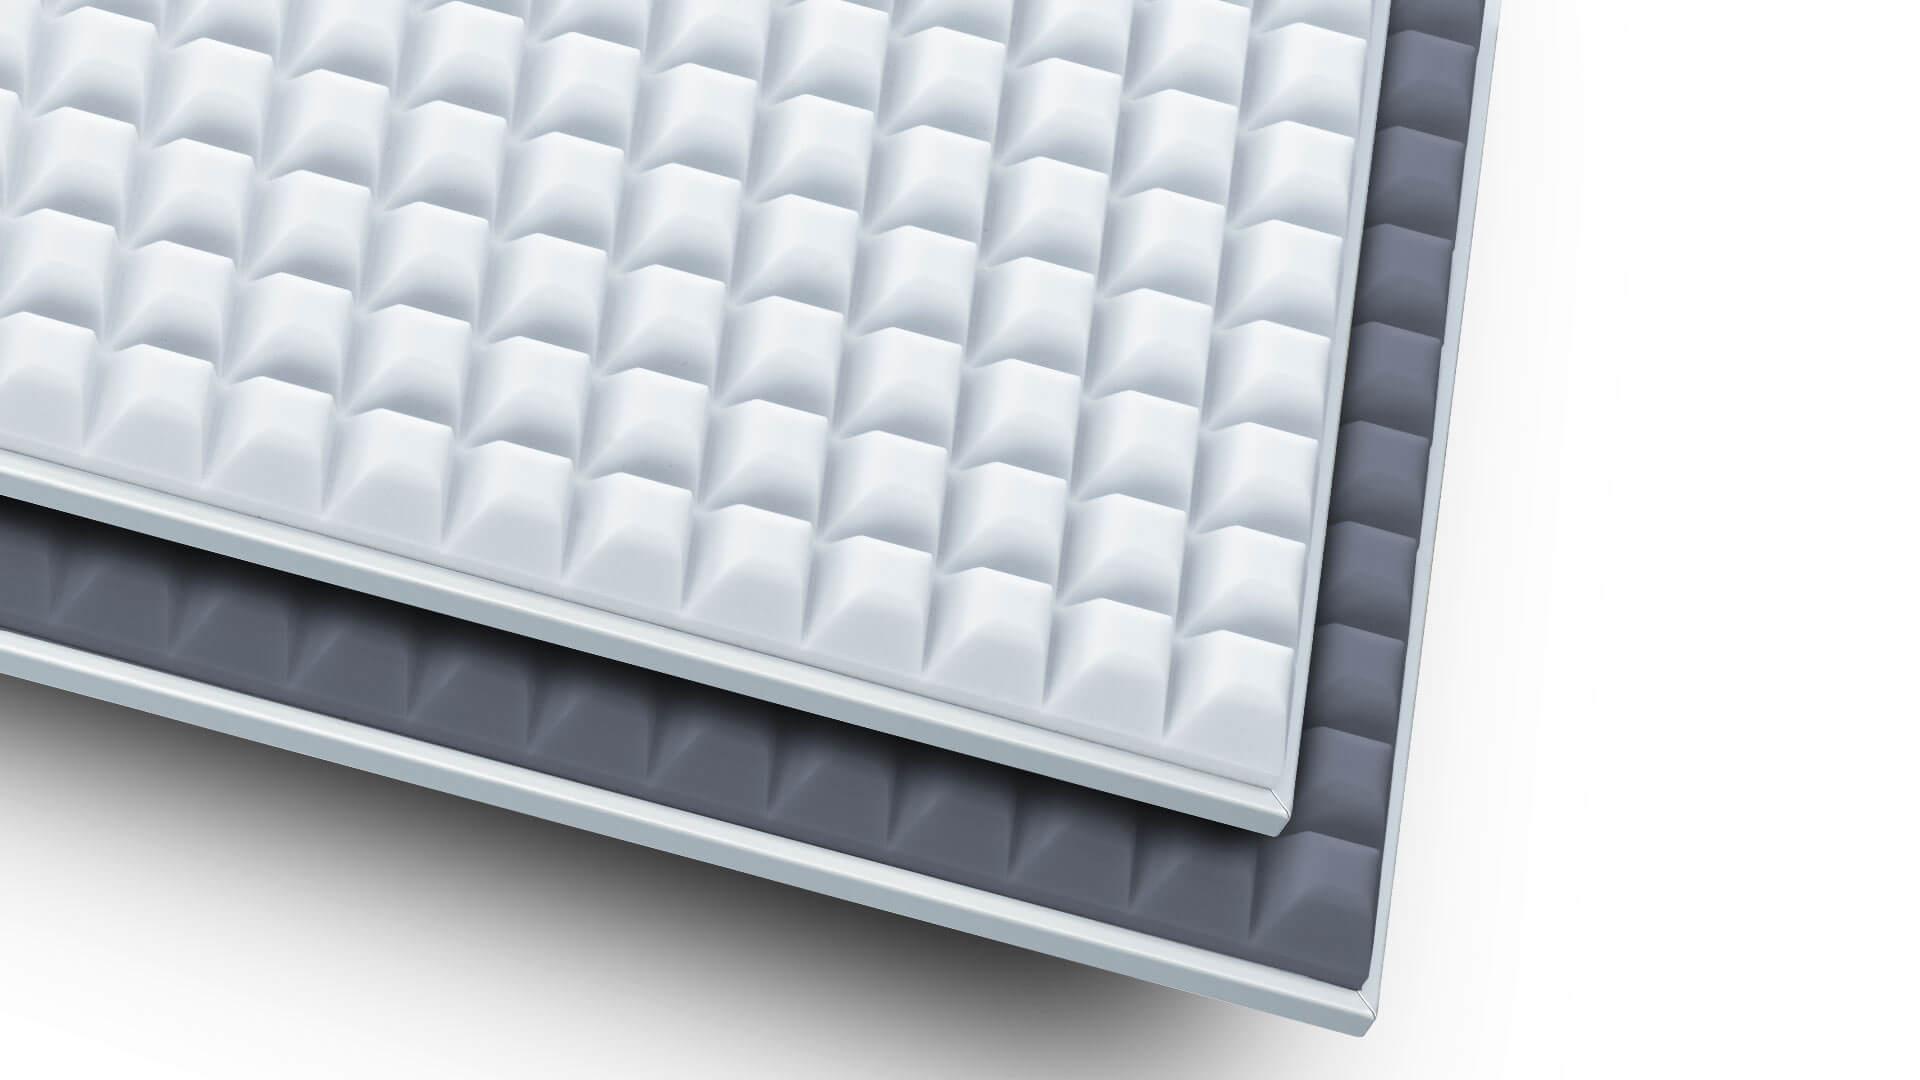 aixFOAM-ljudisolering - Premiumabsorbenter för maximal ljudisolering